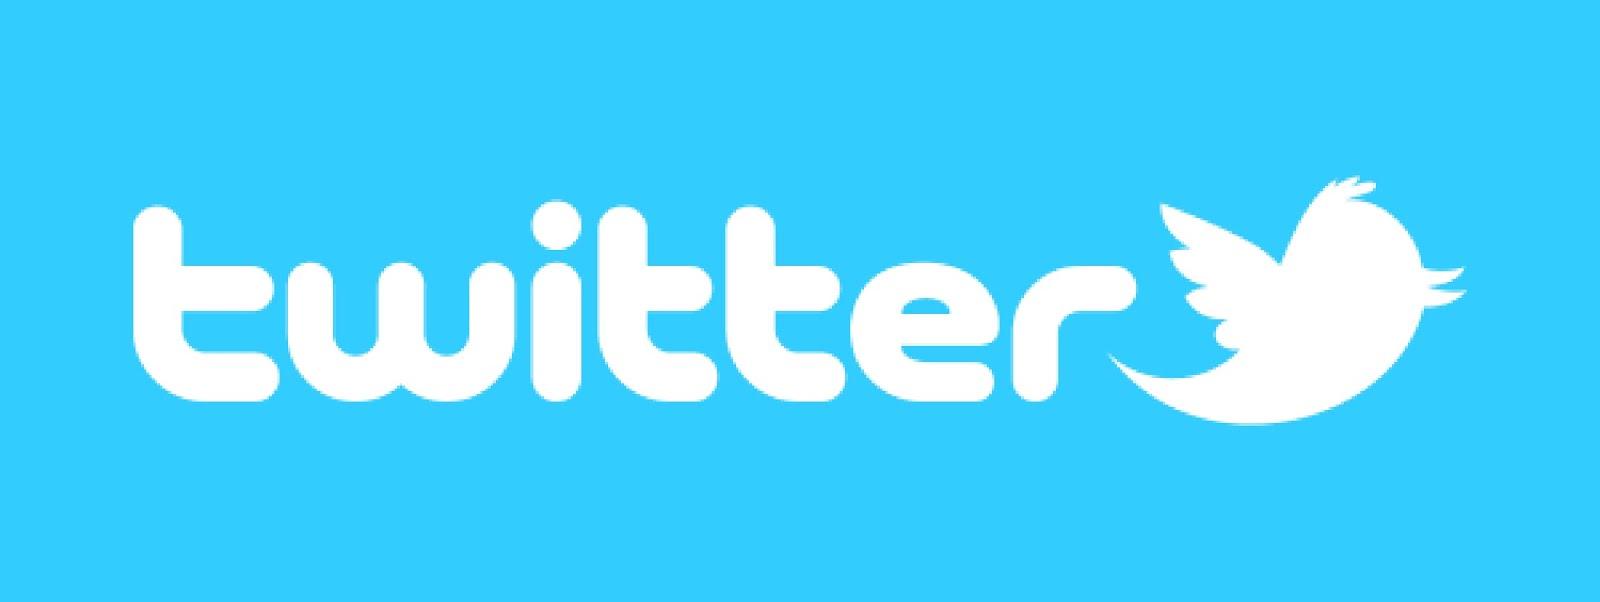 Obserwuj nas na Twitterze!